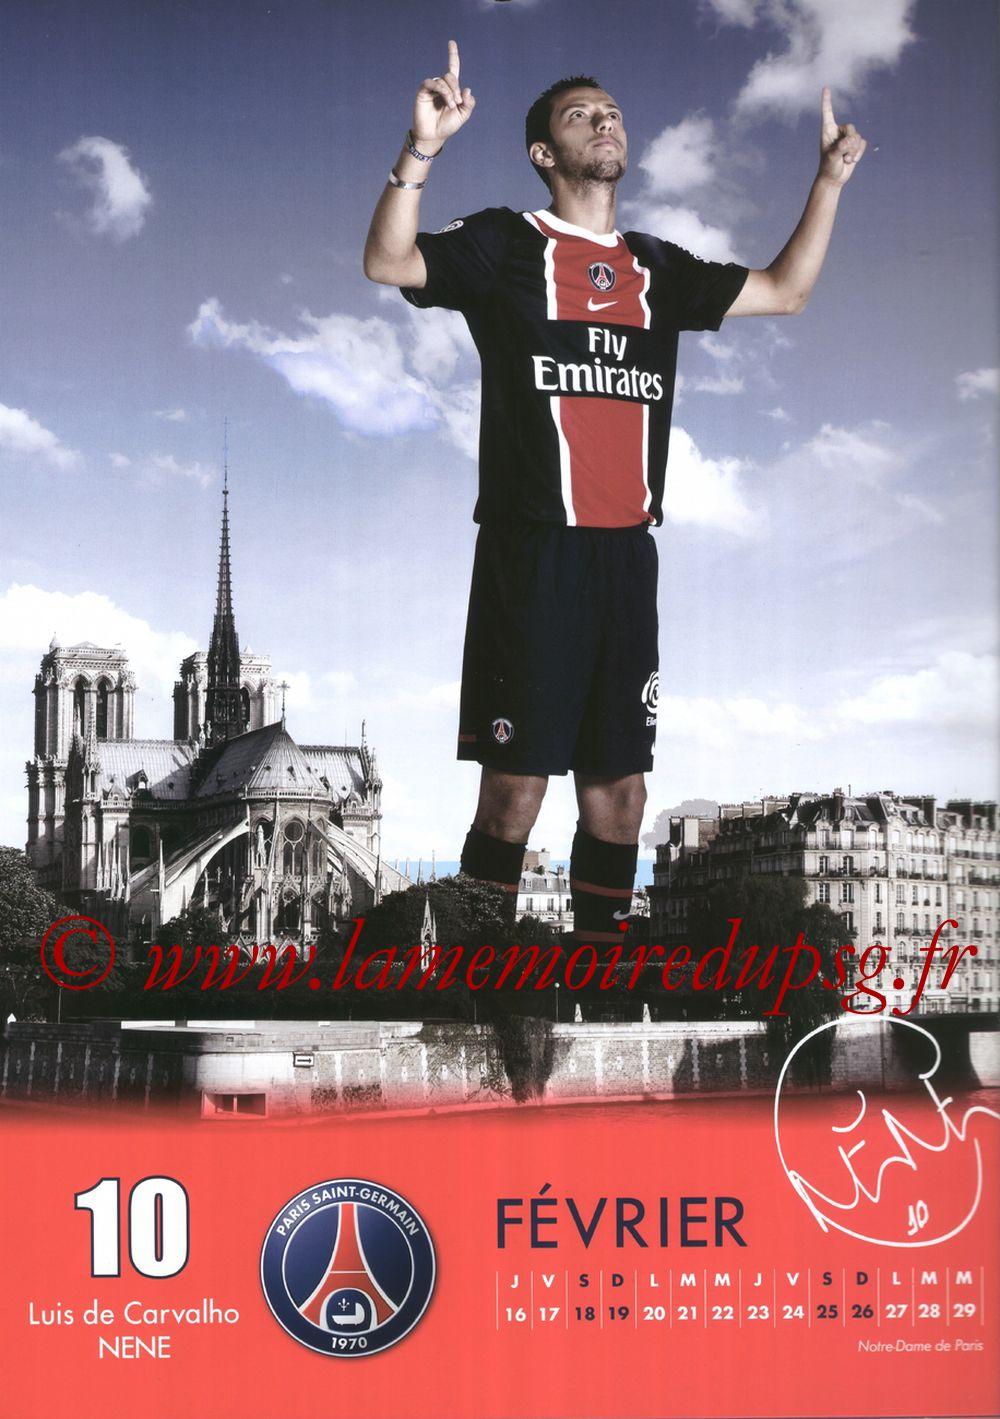 Calendrier PSG 2012 - Page 04 - Luis De Carvalho NENE